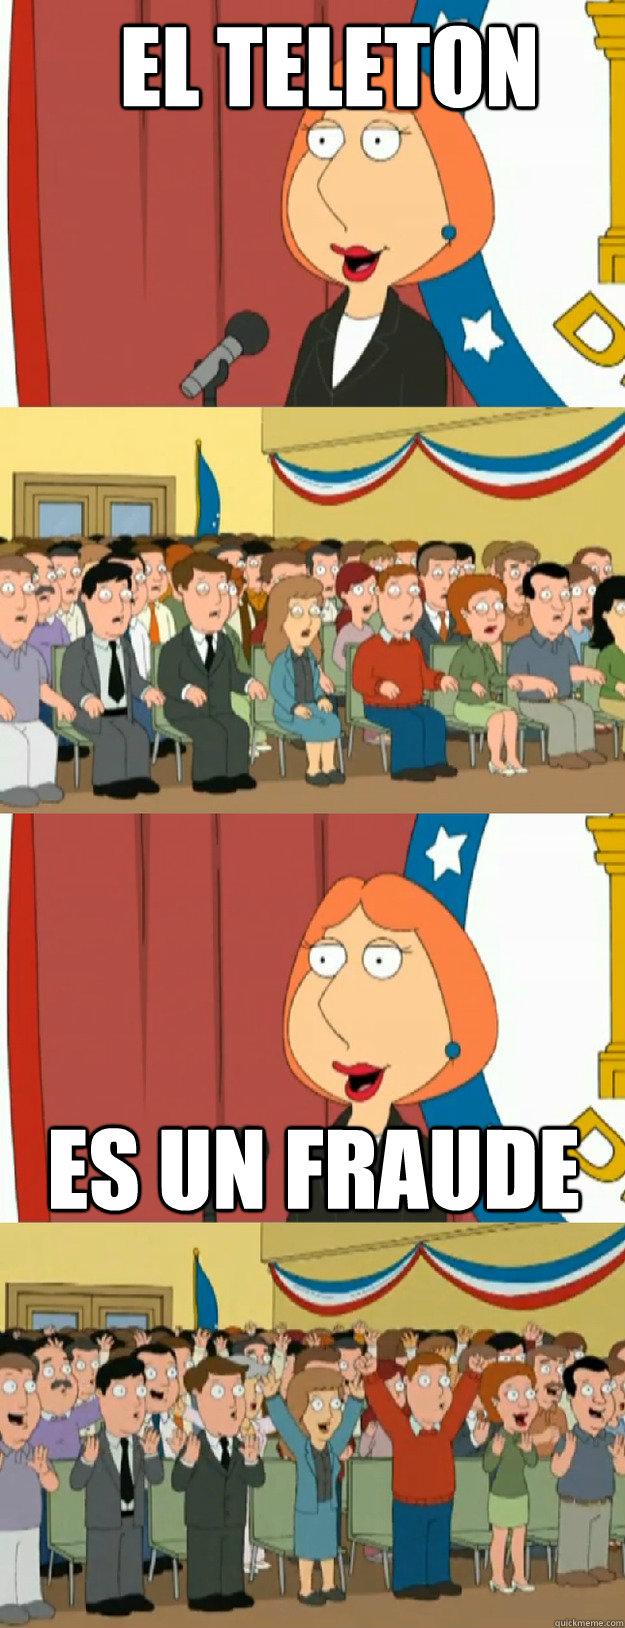 El teleton es un fraude - El teleton es un fraude  Lois Griffin